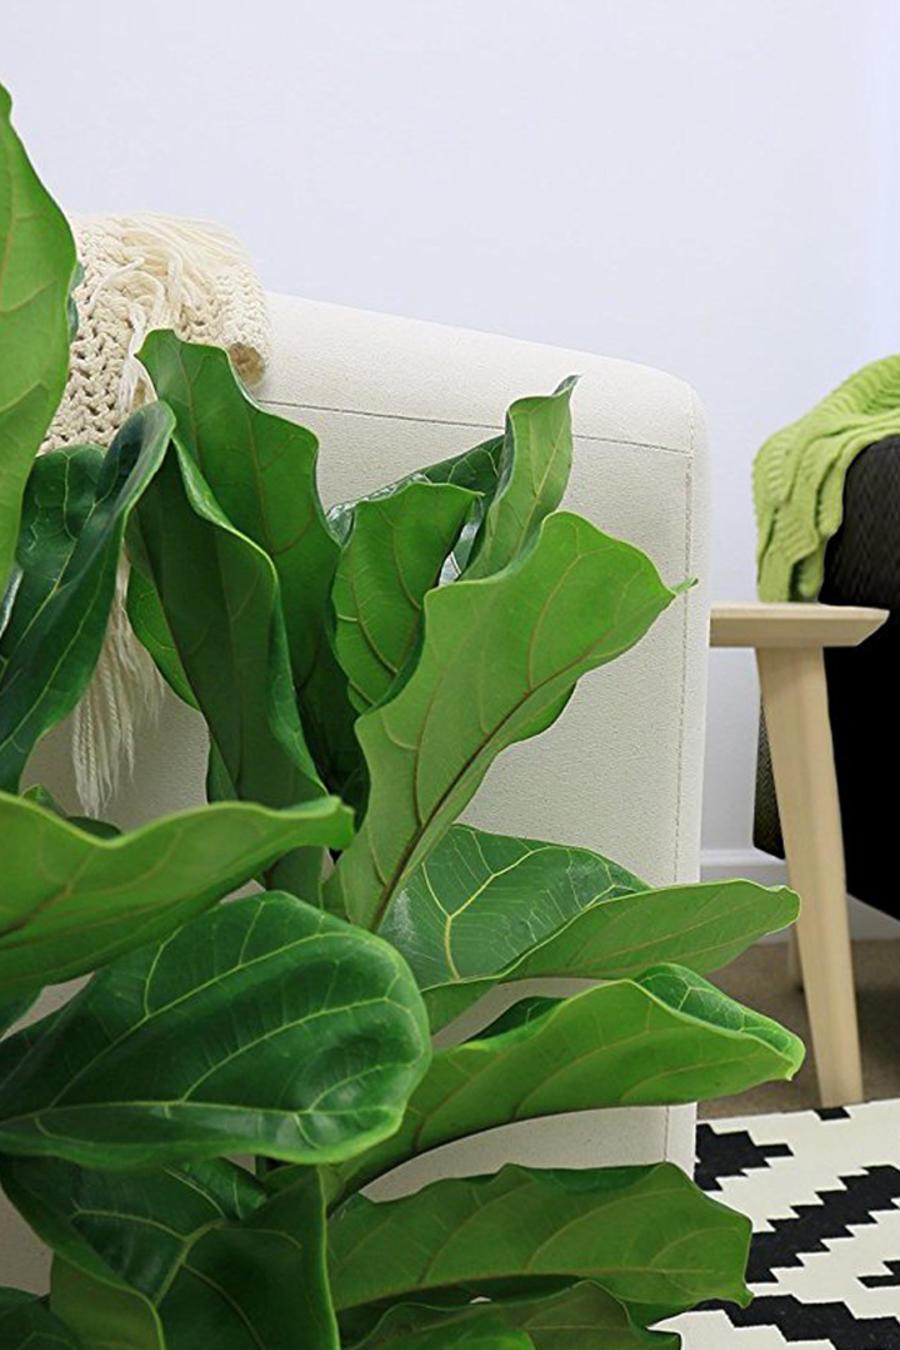 Plantas ideales para darle un toque verde a tu casa